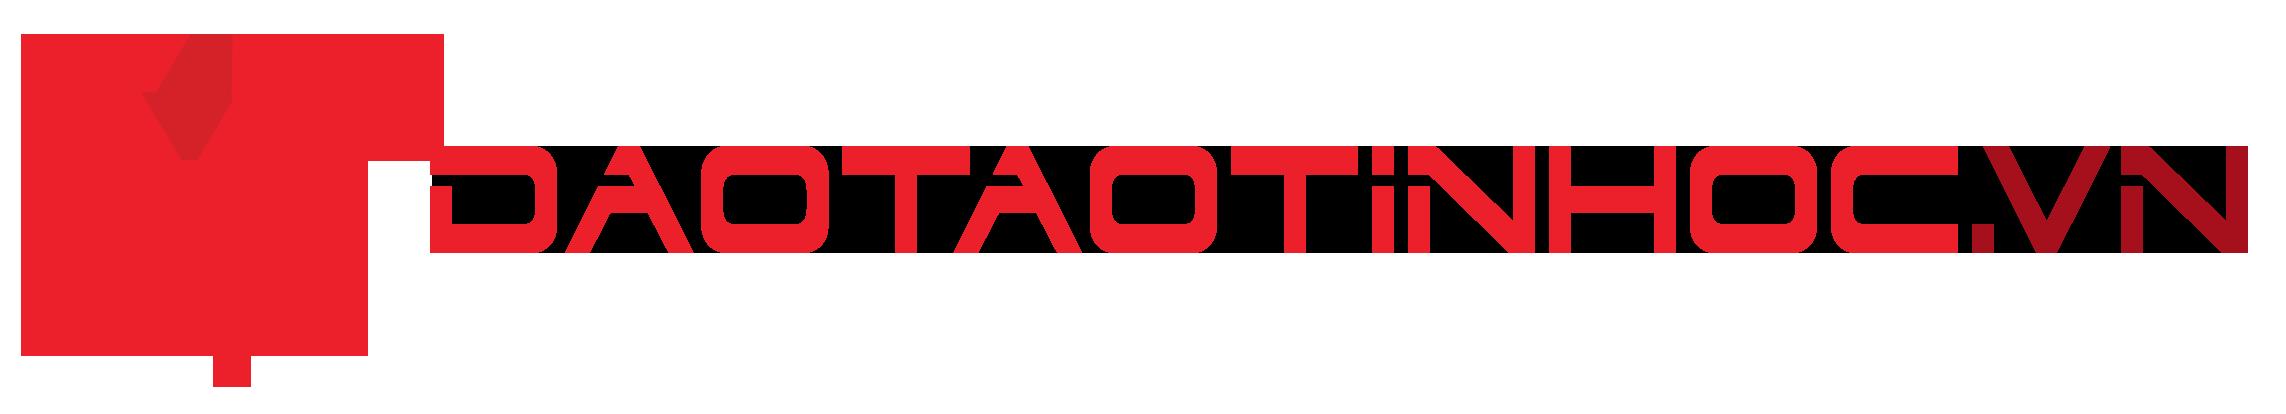 Đào tạo tin học| daotaotinhoc.vn